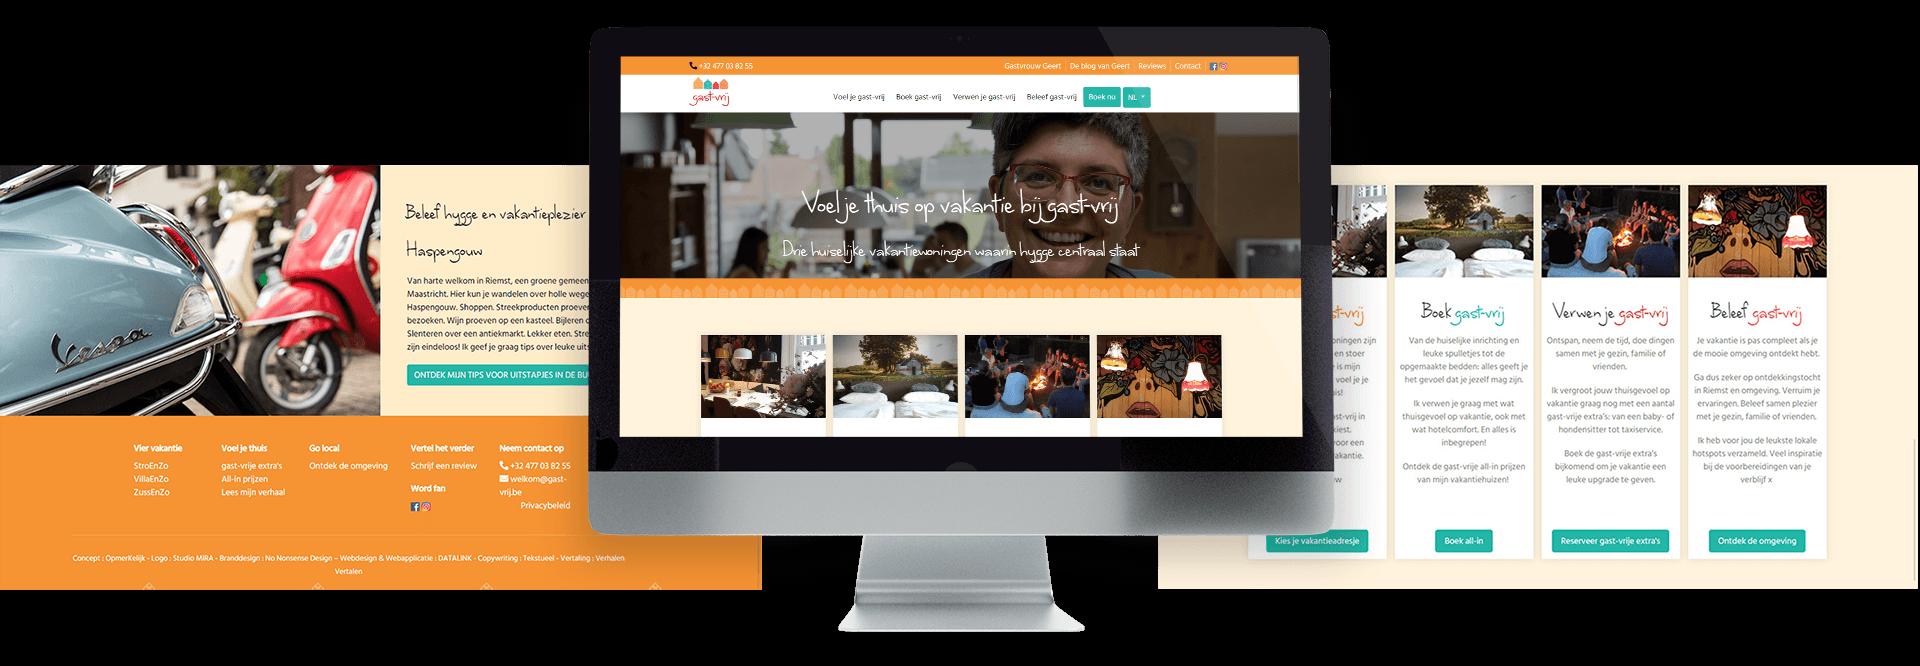 Sfeervolle website voor de Limburgse vakantiewoningen van gast-vrij